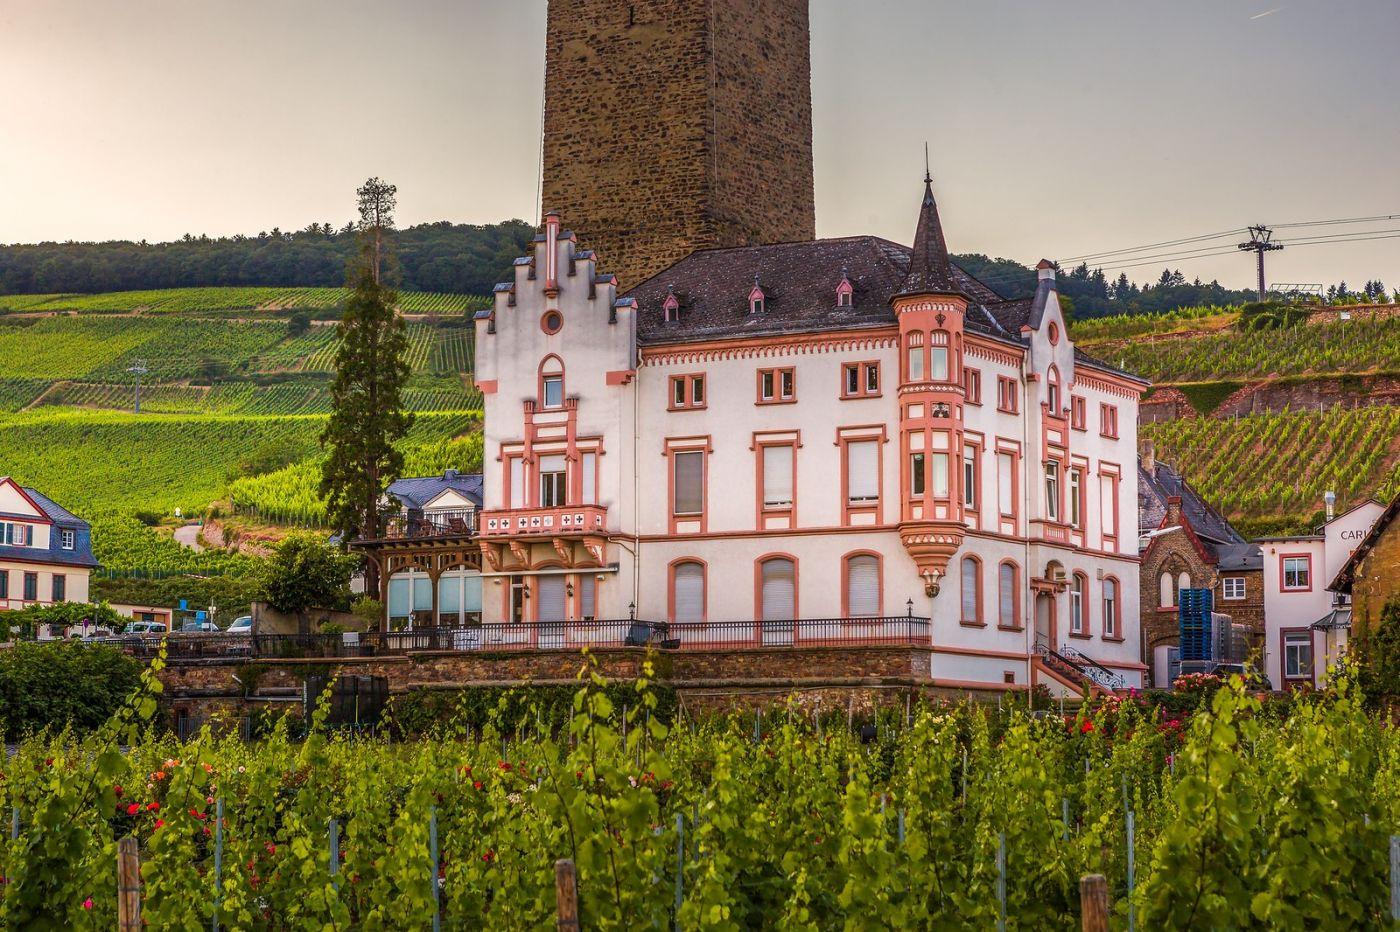 德国吕德斯海姆(Rudesheim),莱茵河畔的小镇_图1-34